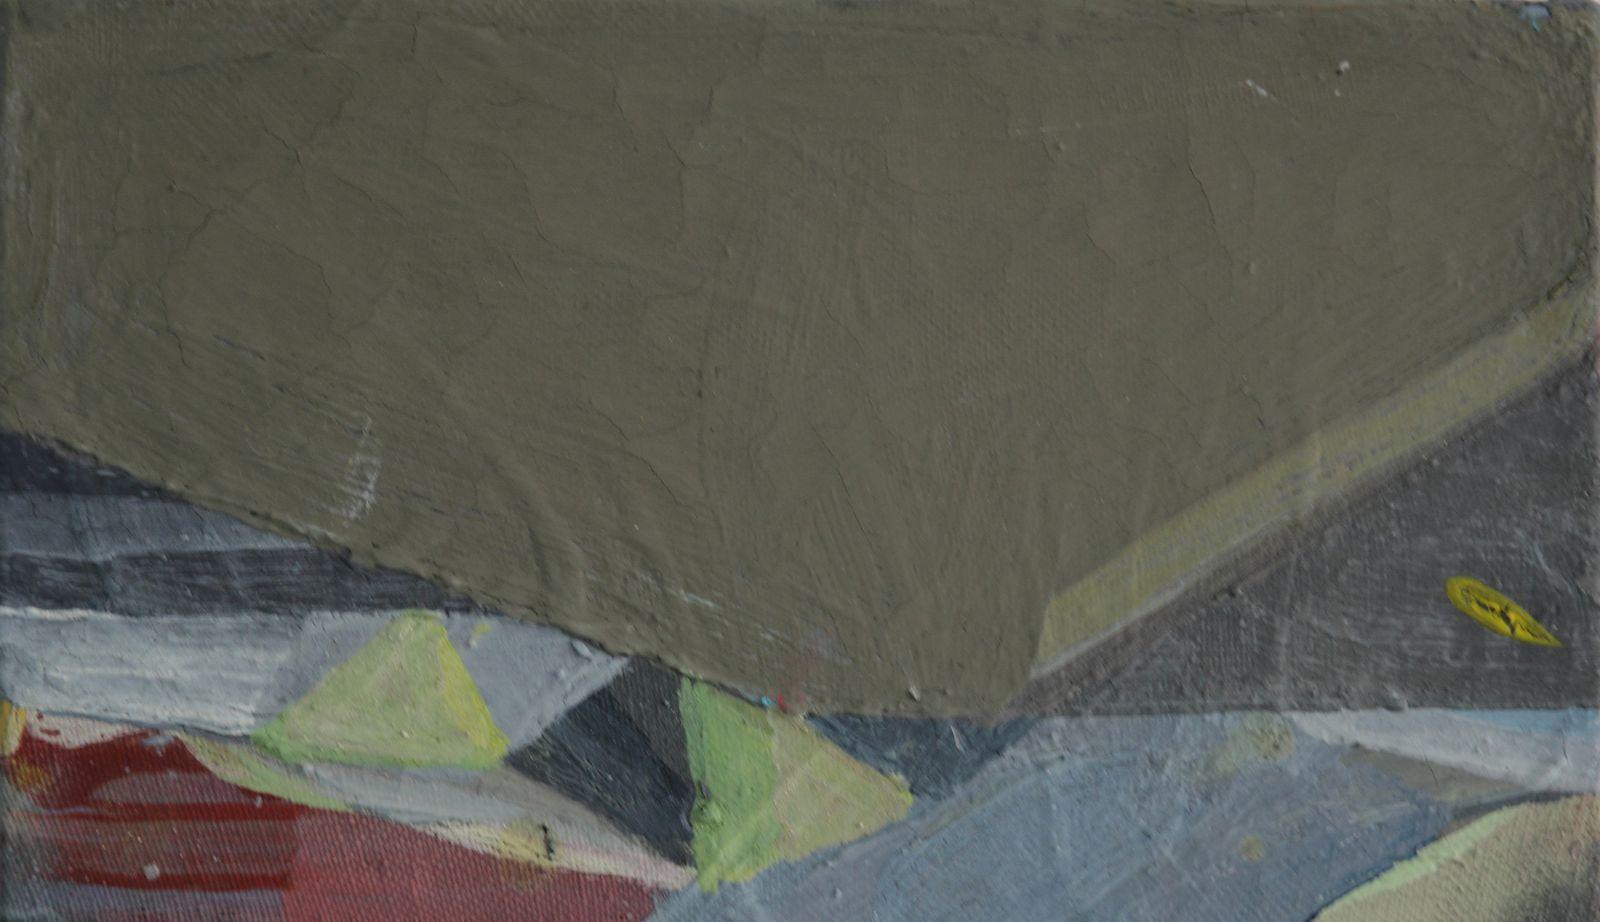 sophie-nicol-6-petit-triangle-brun-emulsion-16x26cm-15938d73de5b67c87923612d502cd285